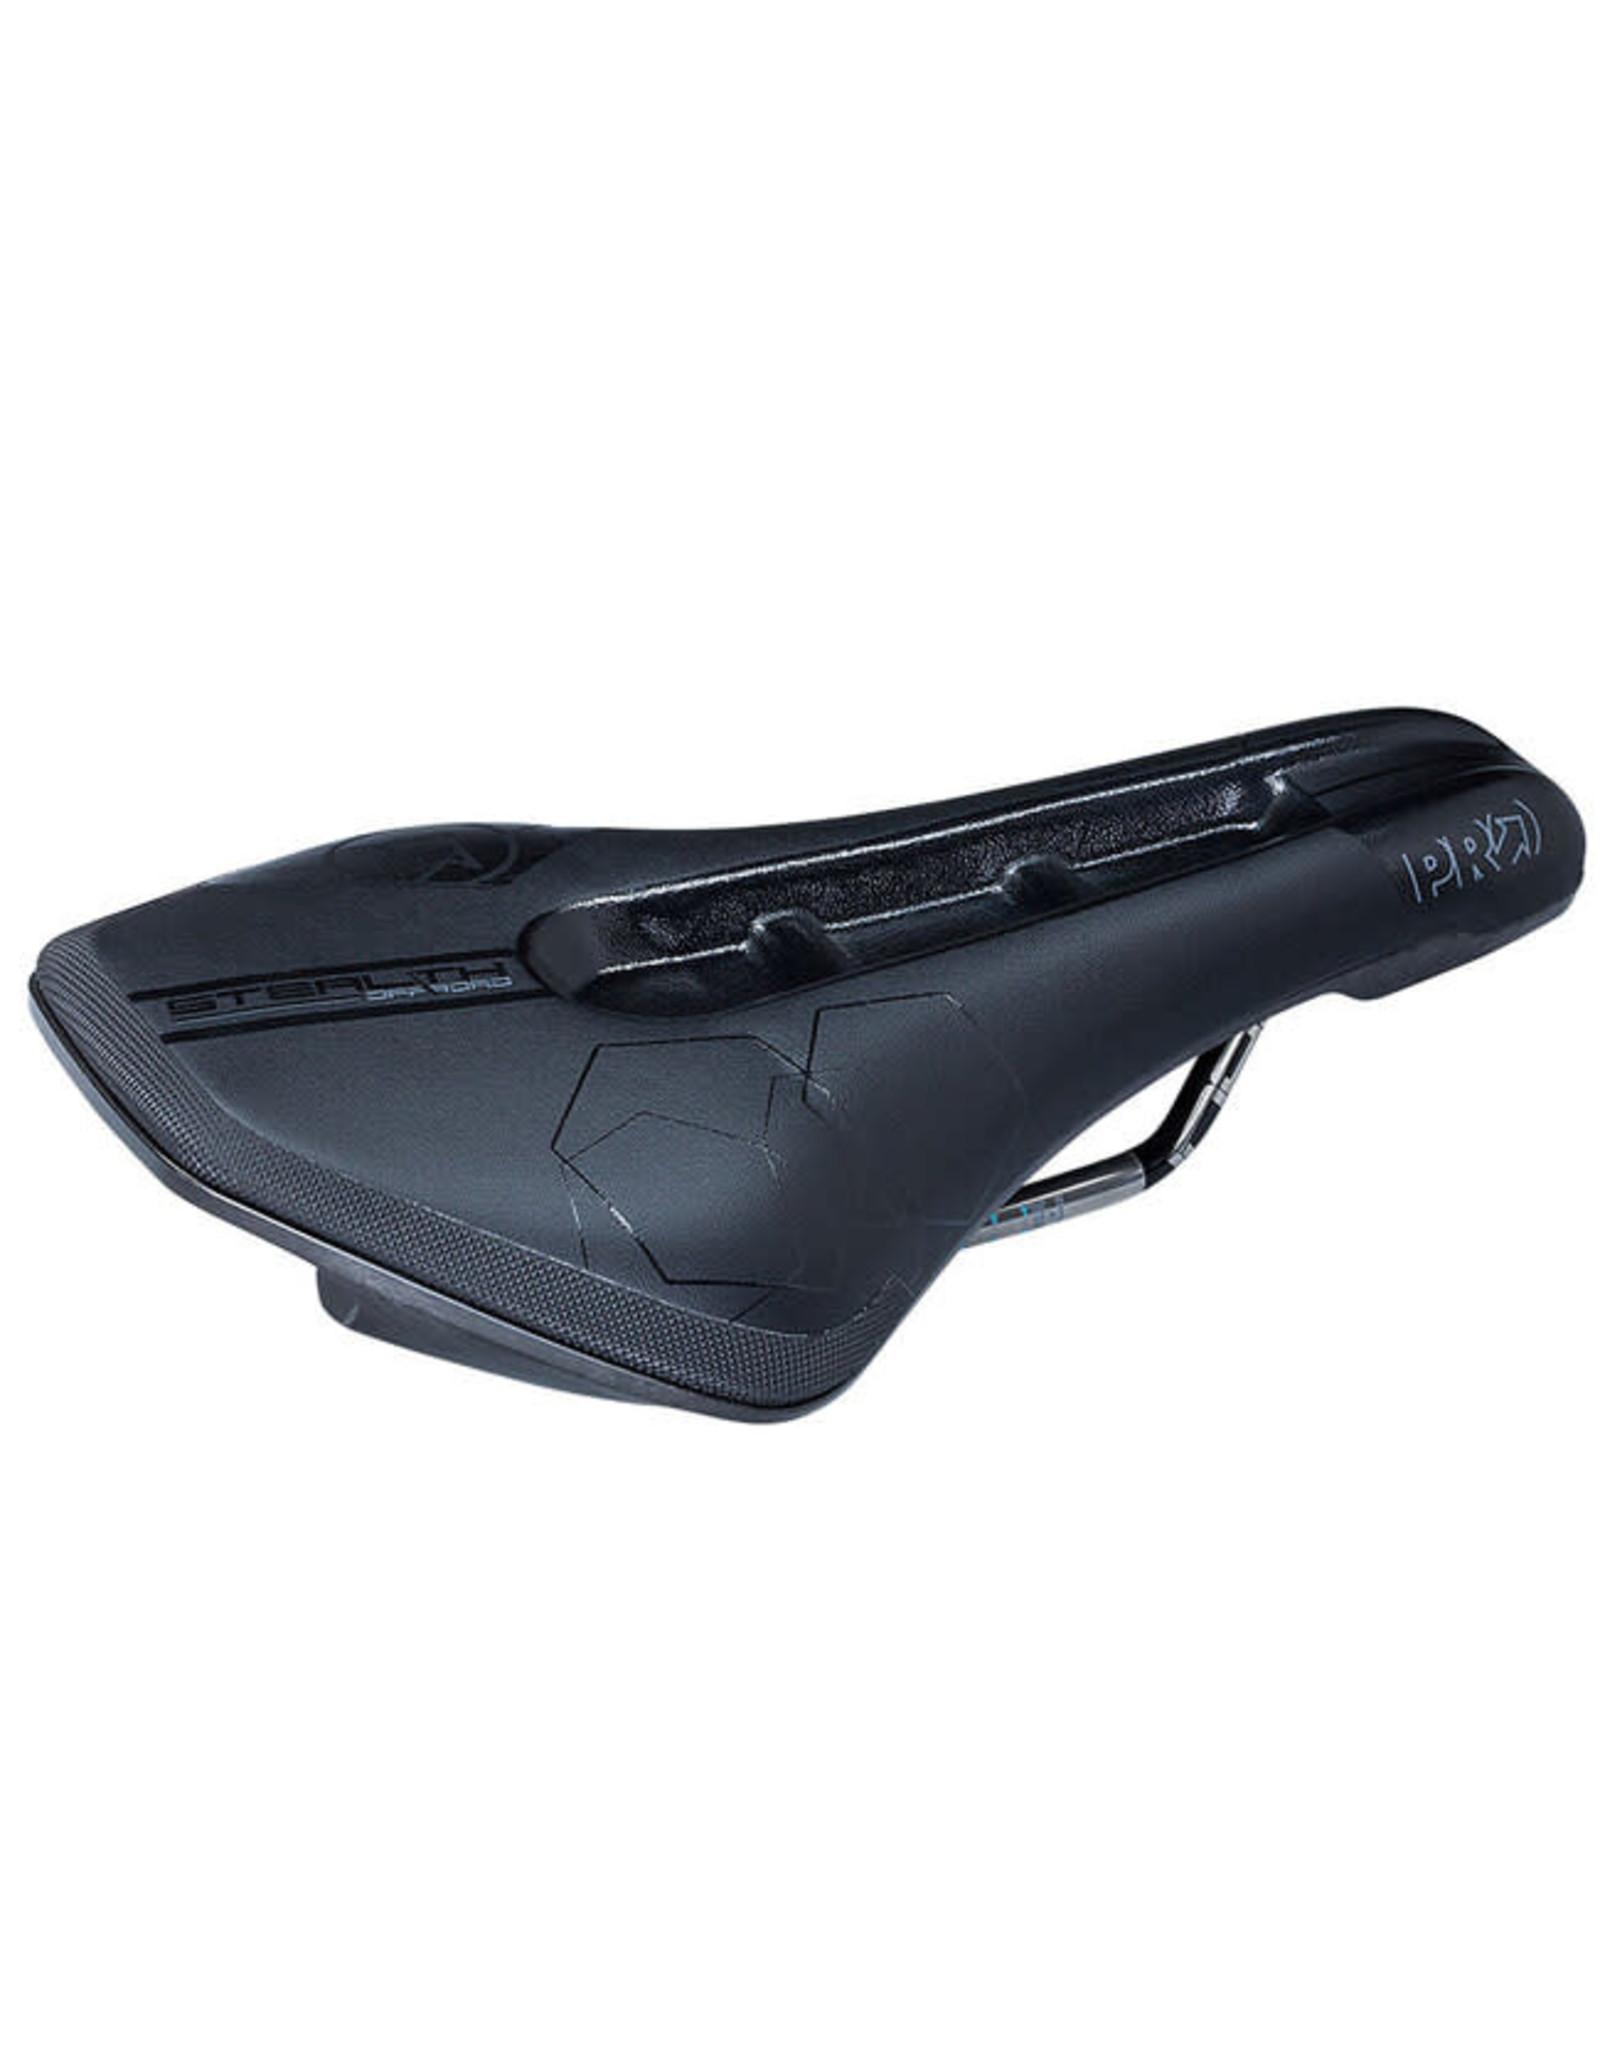 Shimano Stealth Offroad Saddle 142mm Black